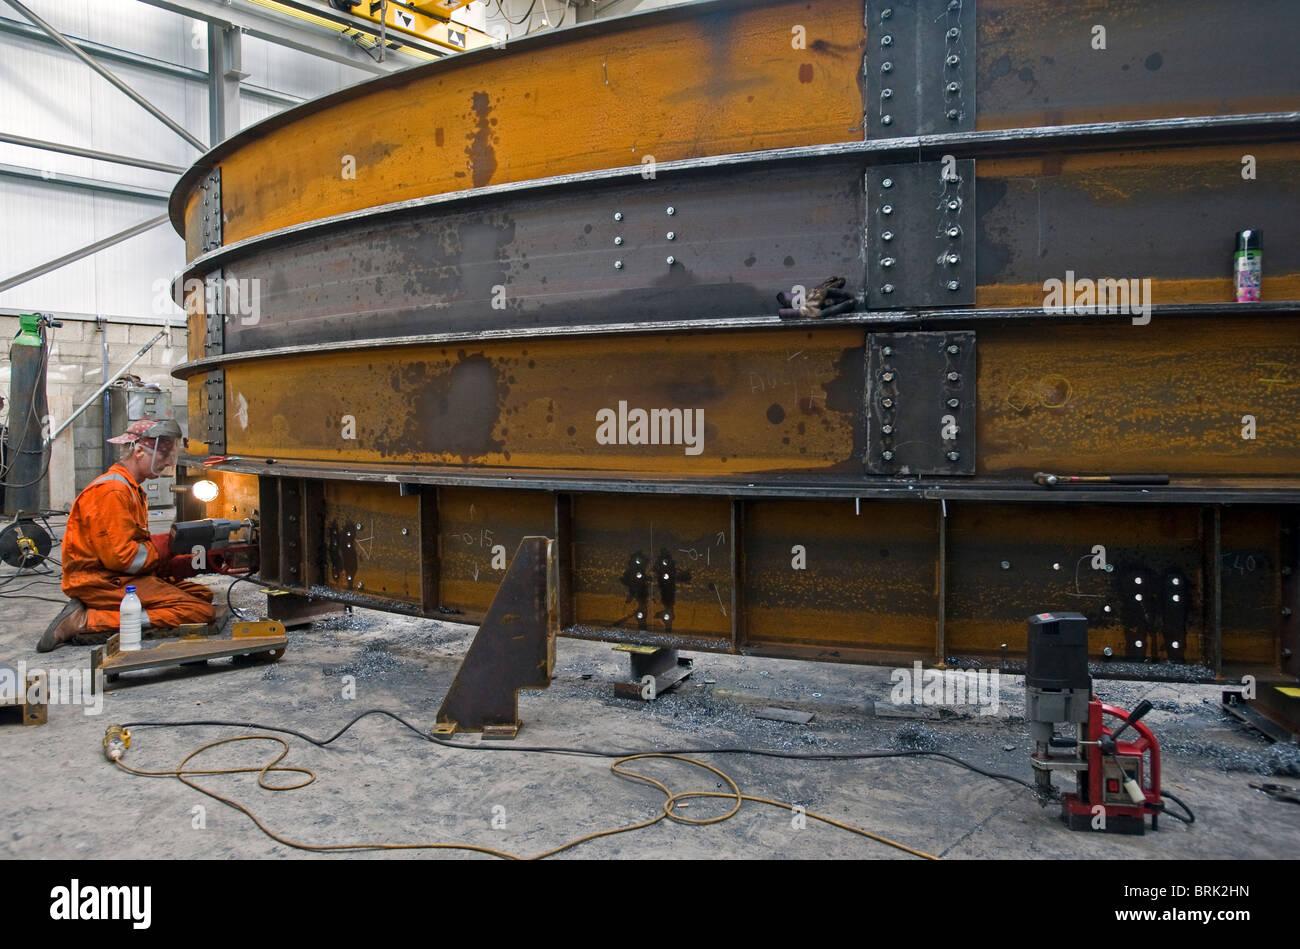 Fabbricazione di acciaio officina, Carrickfergus, Irlanda del Nord. Immagini Stock